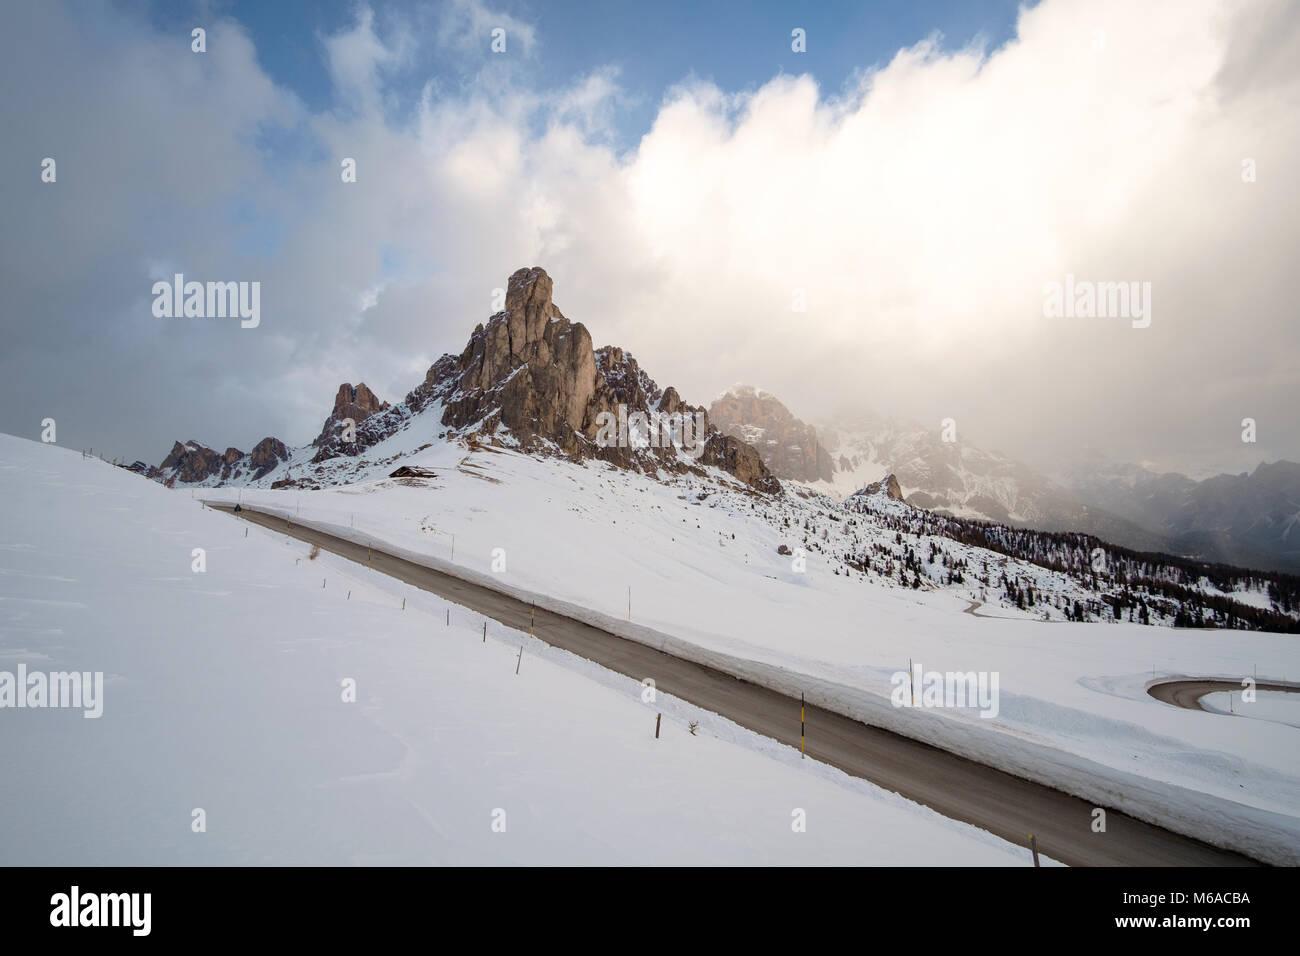 Snowy Mountain Road im Winter Landschaft in der Nähe von Passo Giau in Dolomiten in Italien. Stockfoto